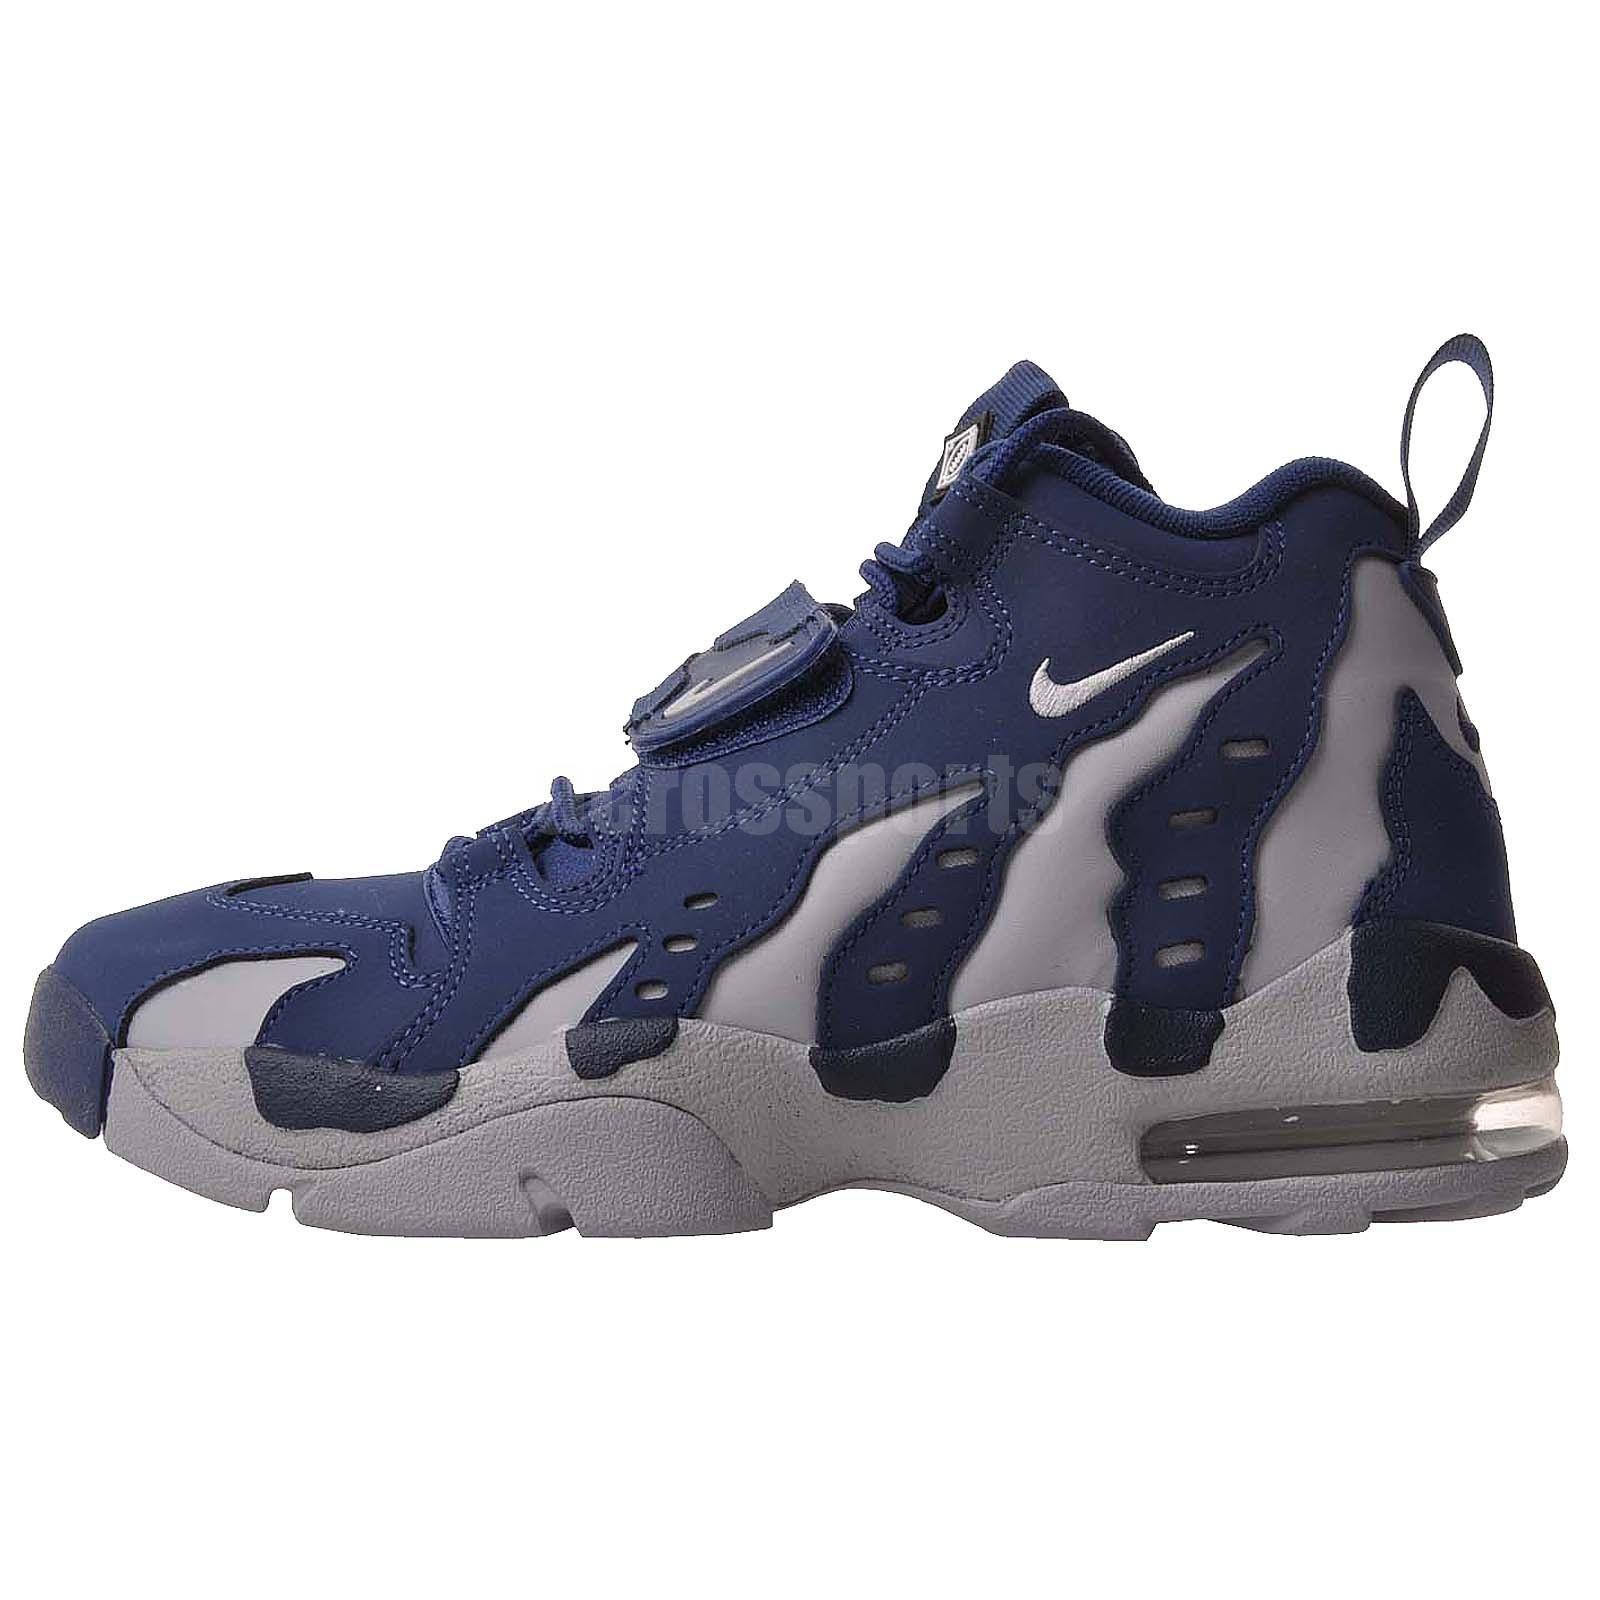 Deion Sanders Shoes Size